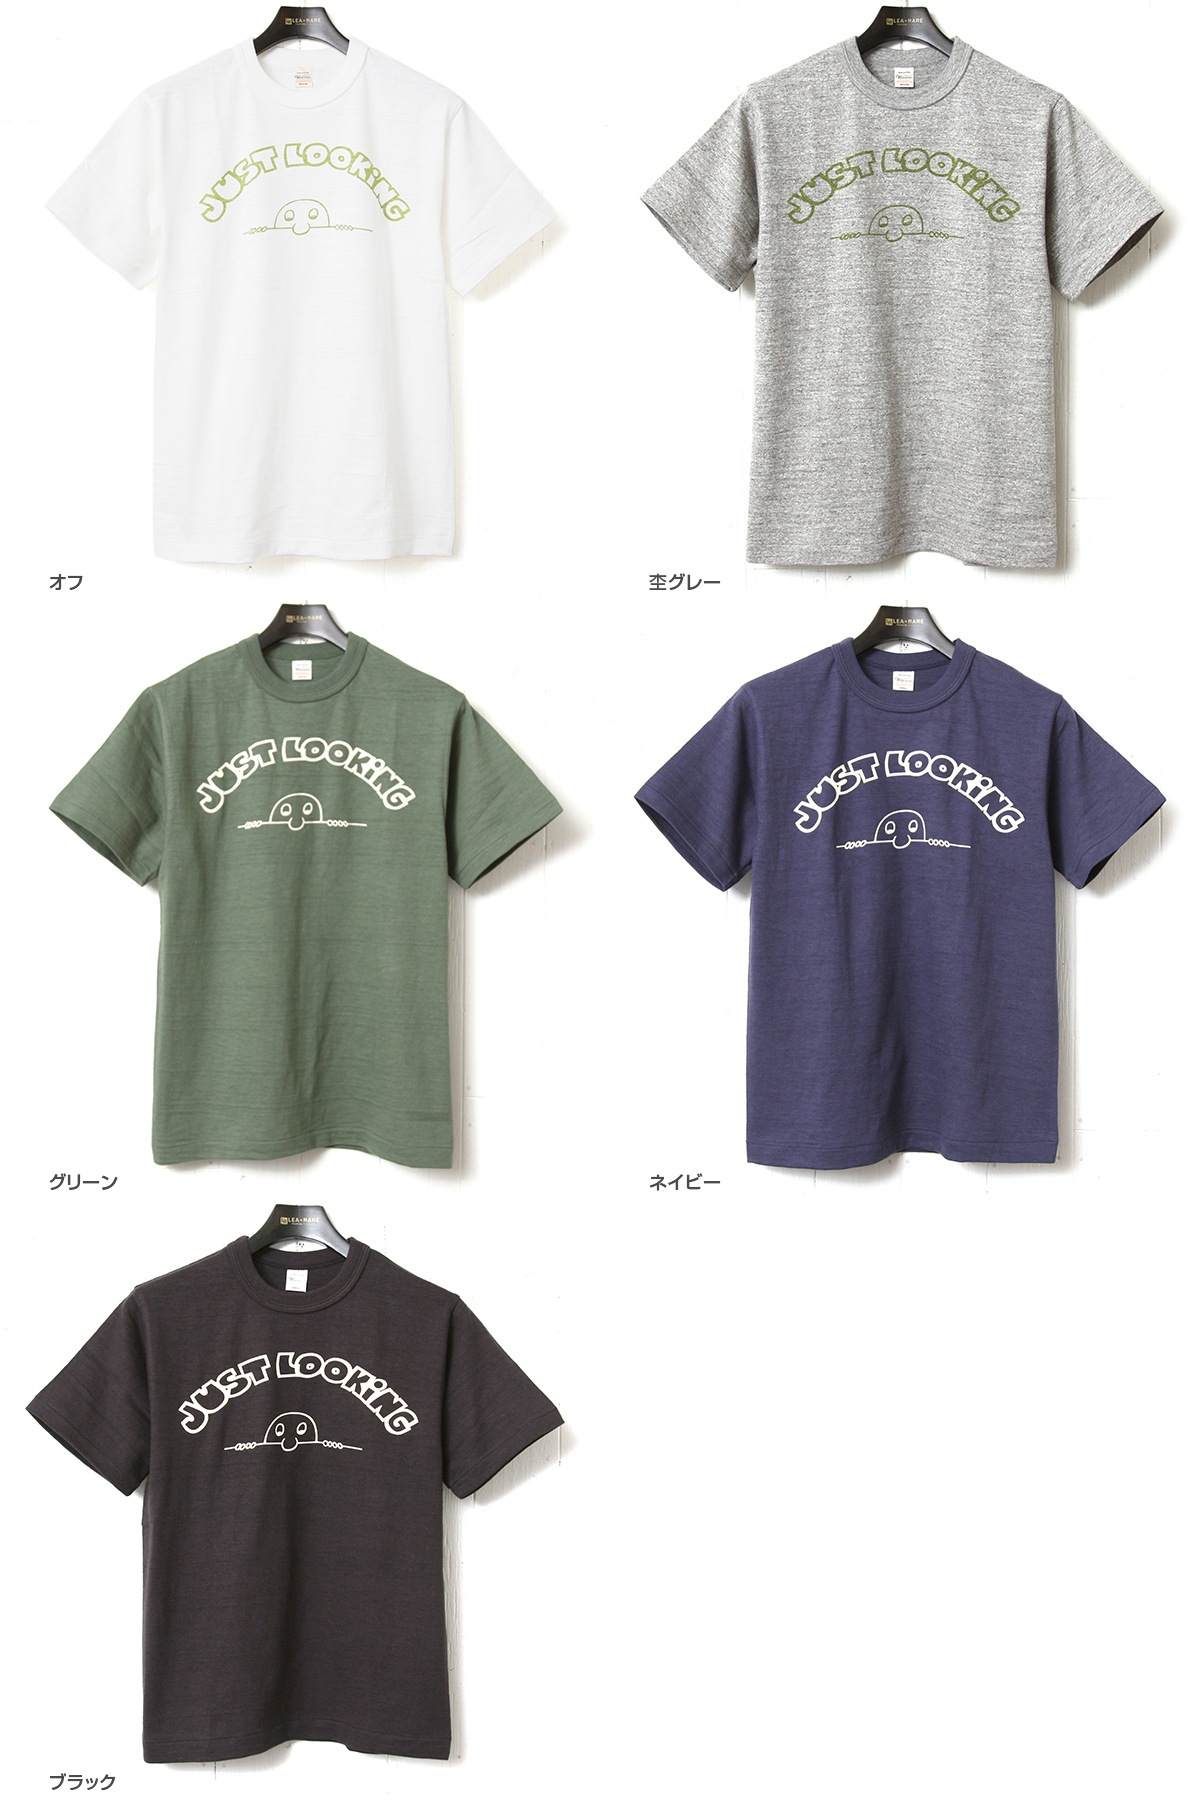 ウエアハウス WAREHOUSE 半袖Tシャツ 4601 [JUST LOOKING]